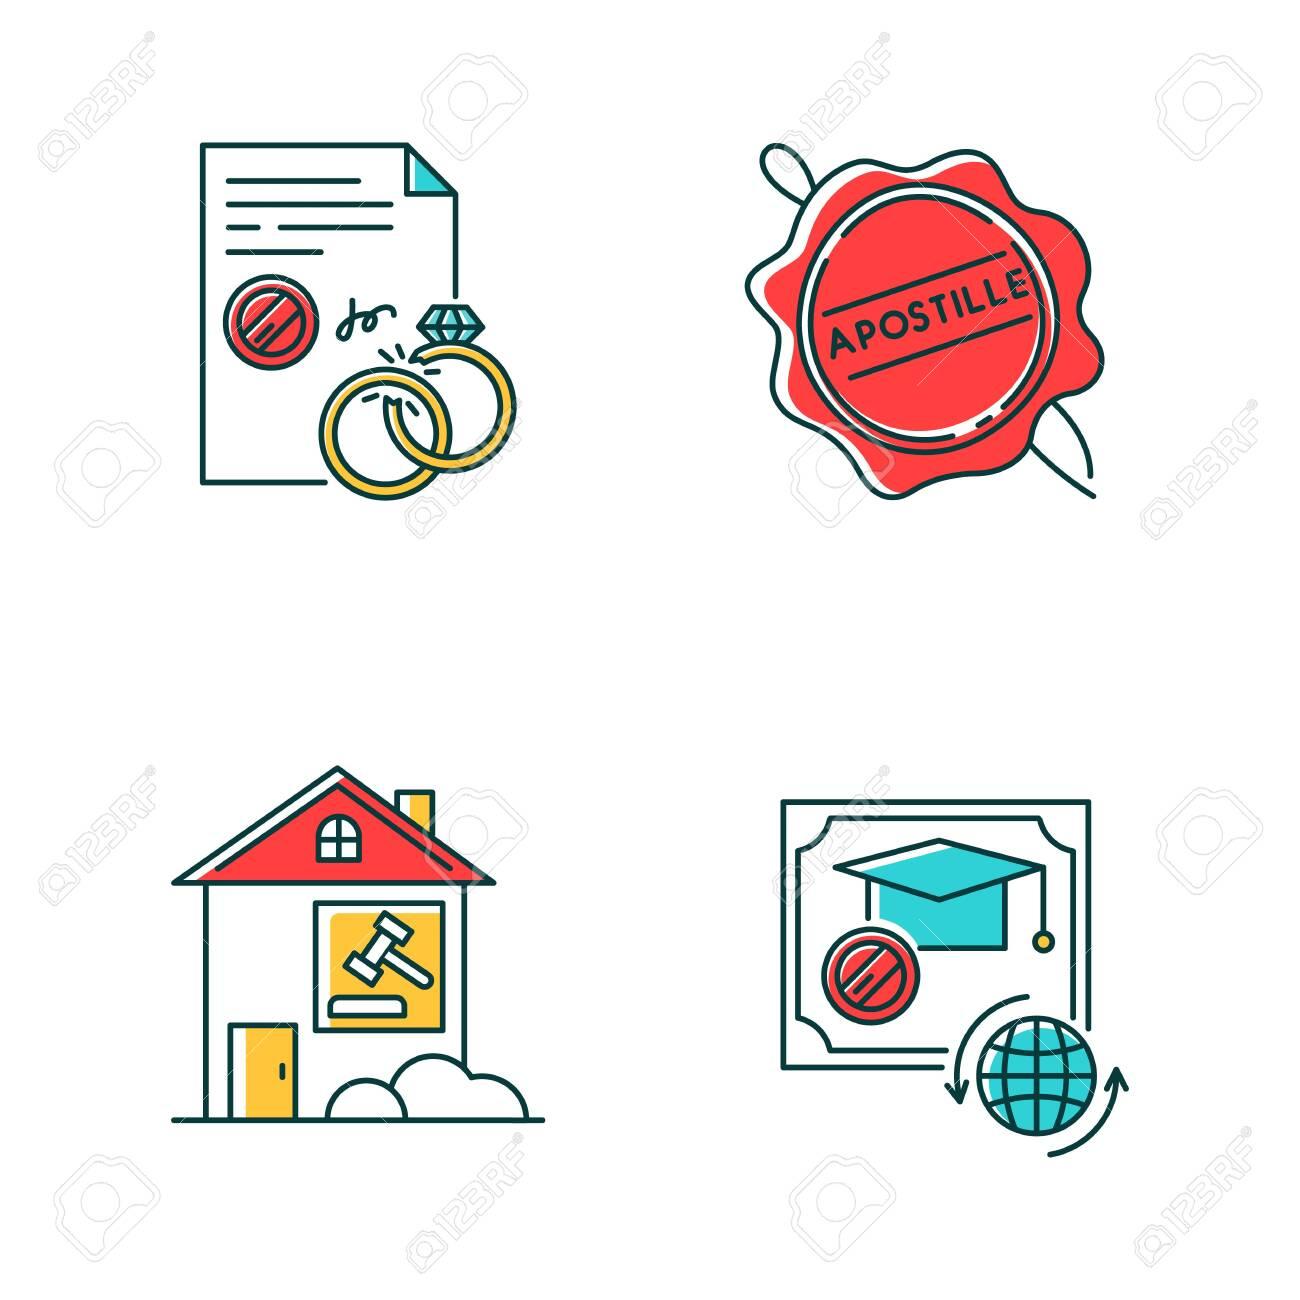 Notary, öffentlichkeit, posten. Notary, bild, items., öffentlichkeit.